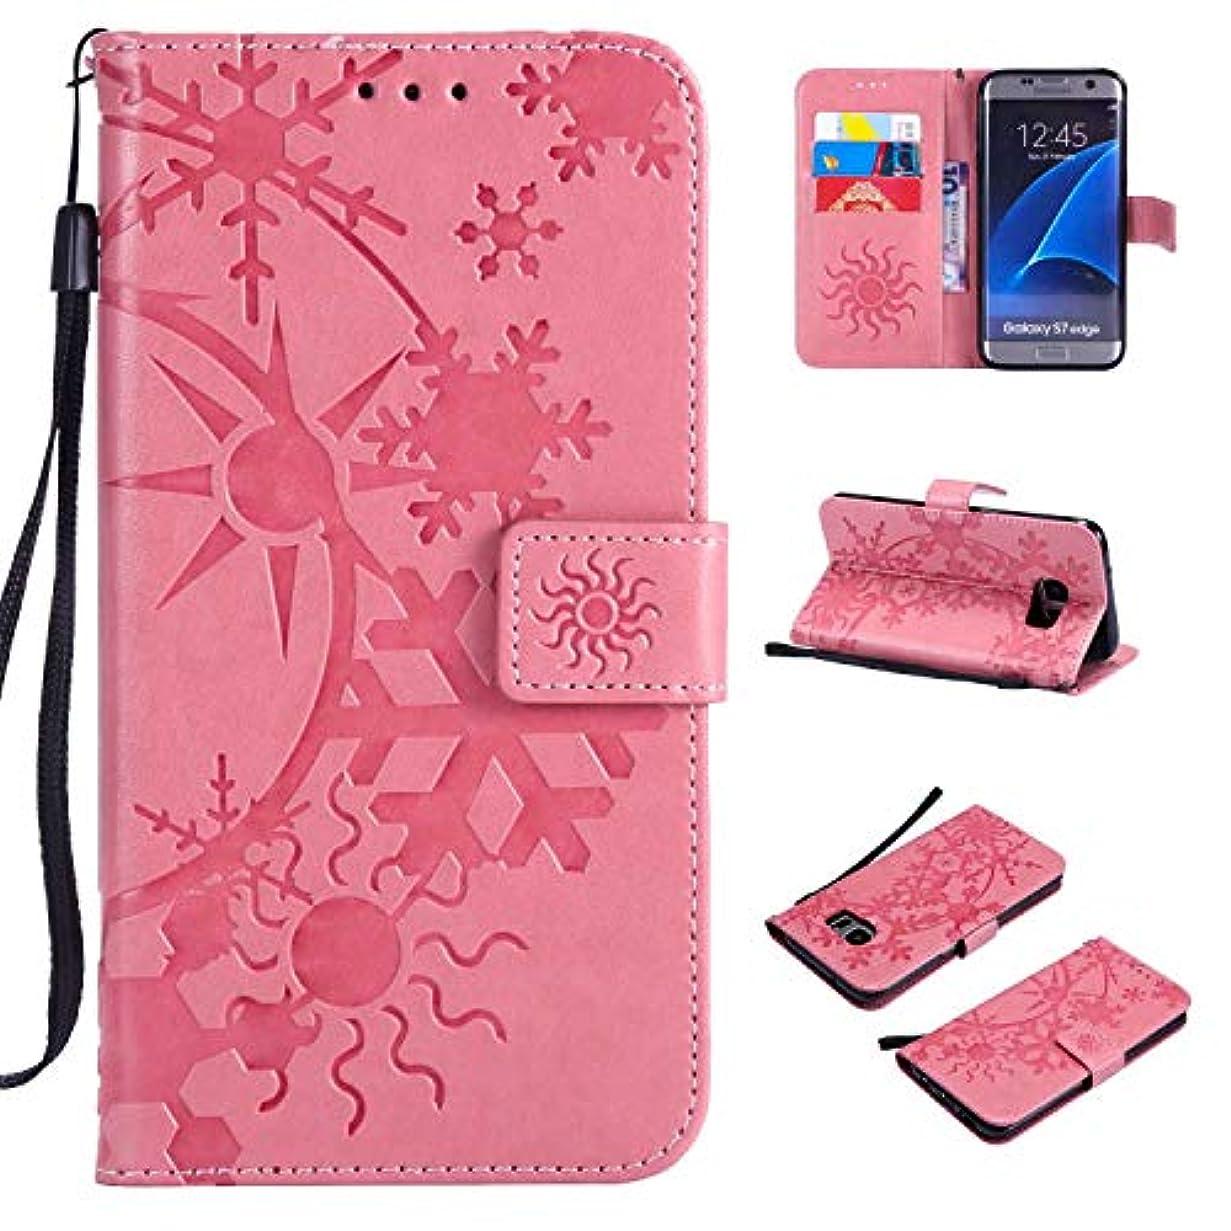 懐疑論文庫本破滅的なGalaxy S7 Edge ケース CUSKING 手帳型 ケース ストラップ付き かわいい 財布 カバー カードポケット付き Samsung ギャラクシー S7 Edge マジックアレイ ケース - ピンク